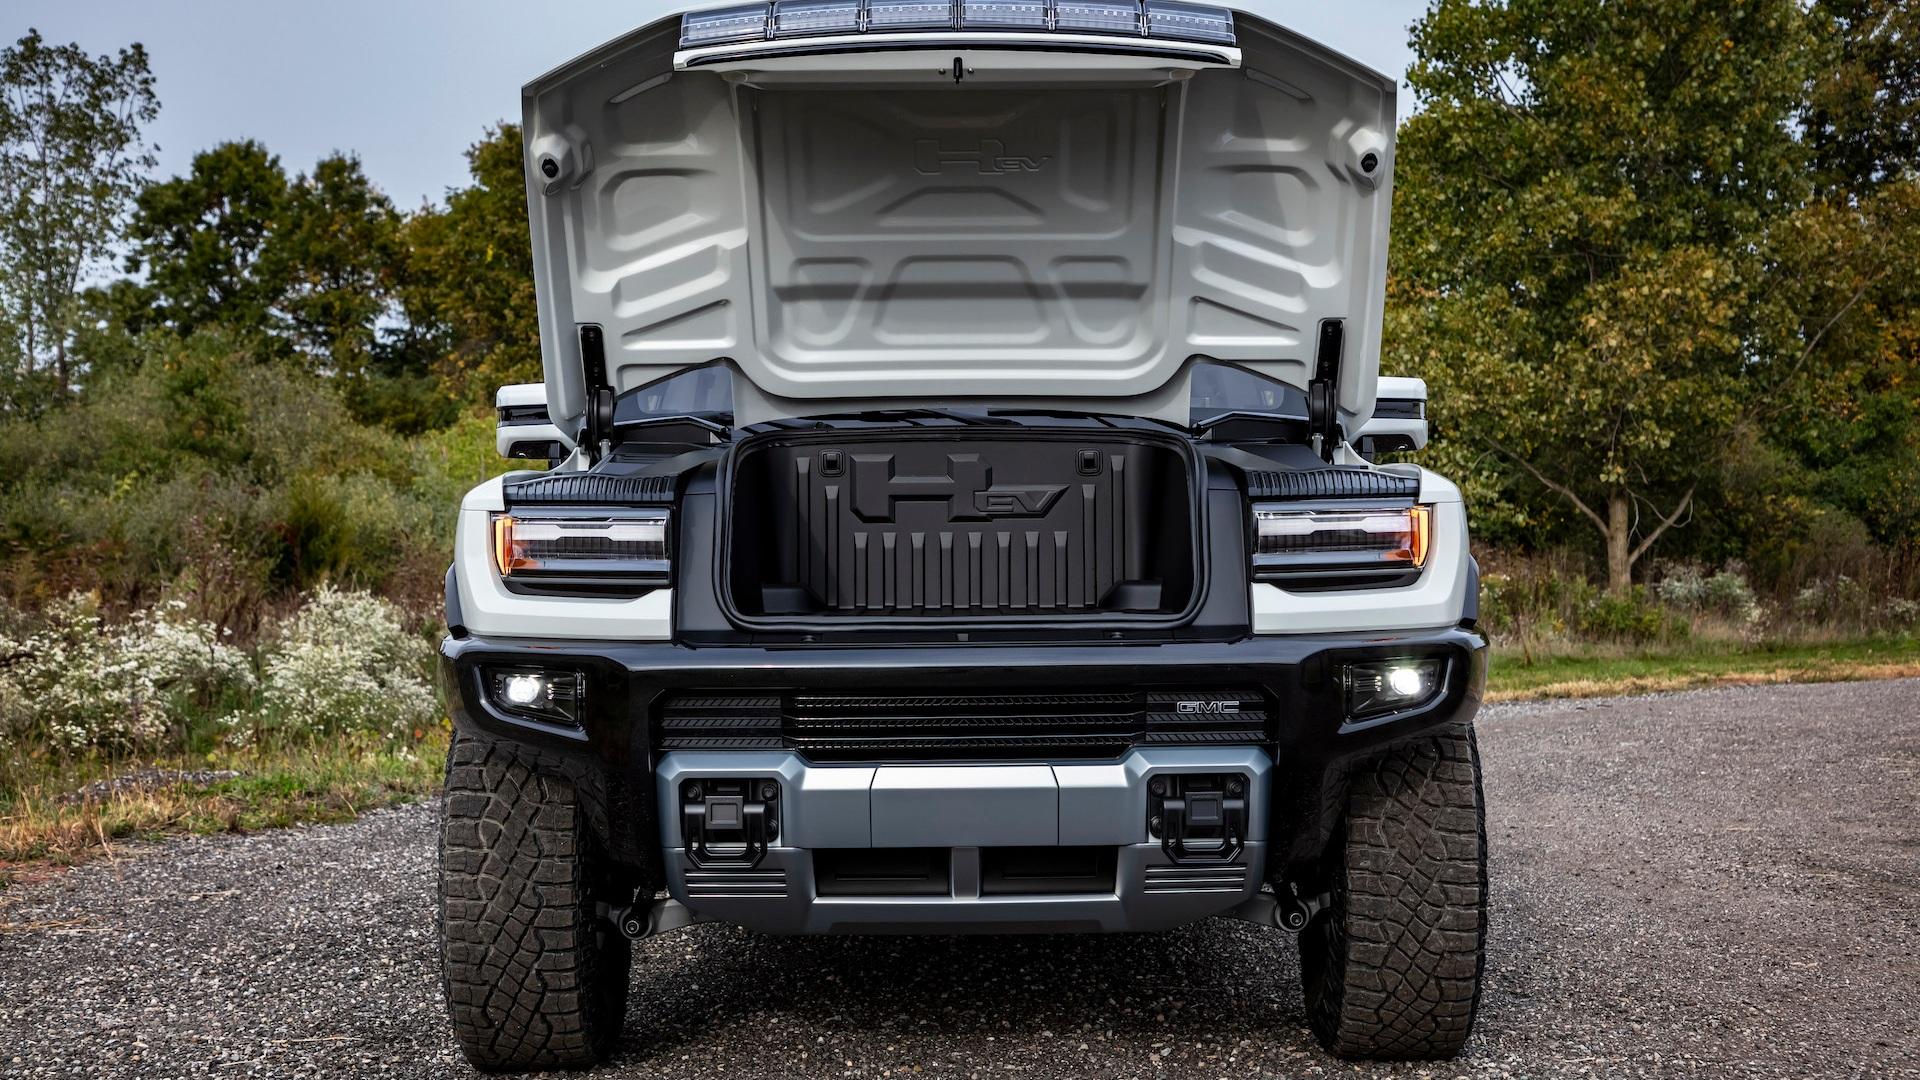 GMC Hummer EV front